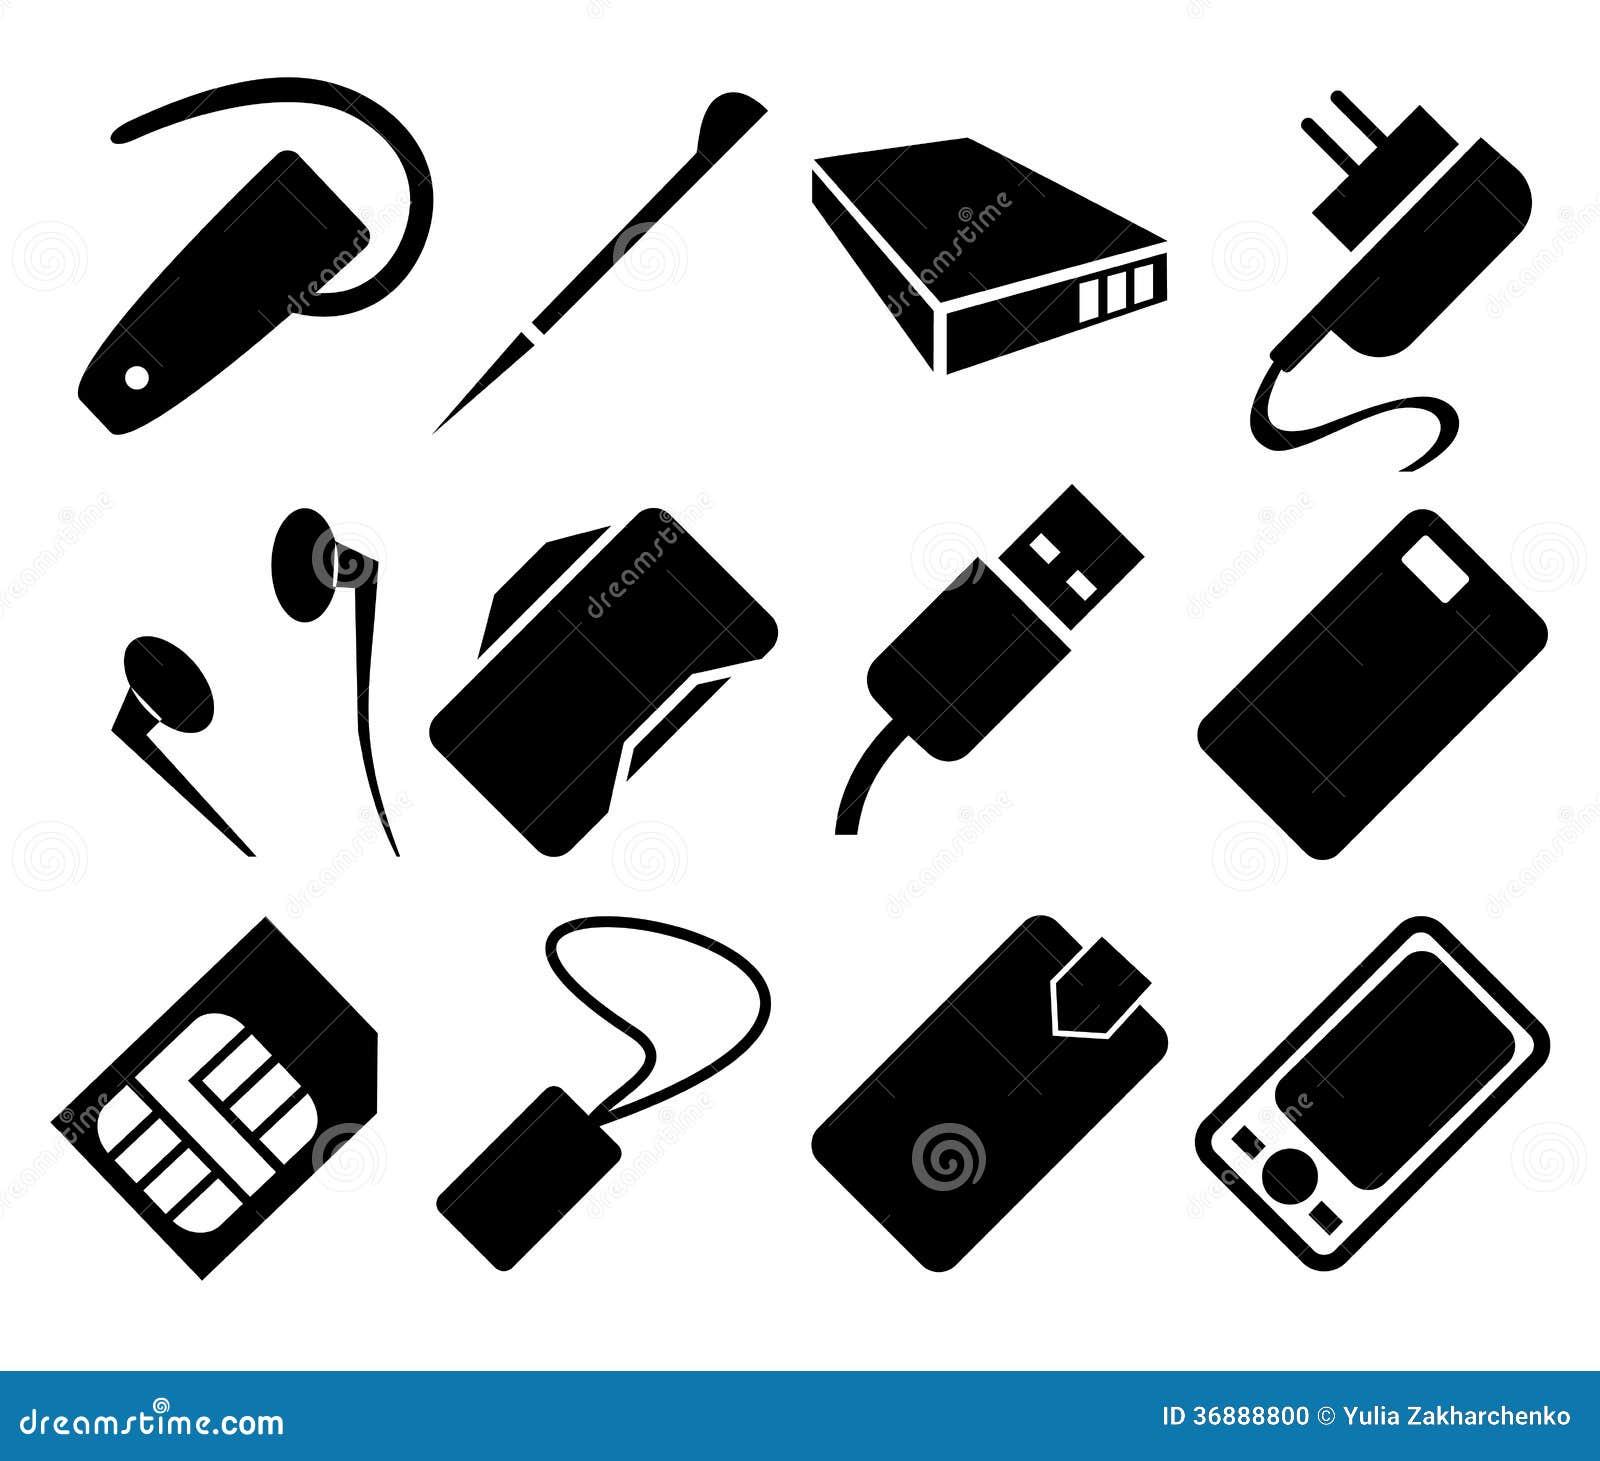 ensemble d 39 ic ne d 39 accessoires de t l phone portable illustration de vecteur illustration du. Black Bedroom Furniture Sets. Home Design Ideas